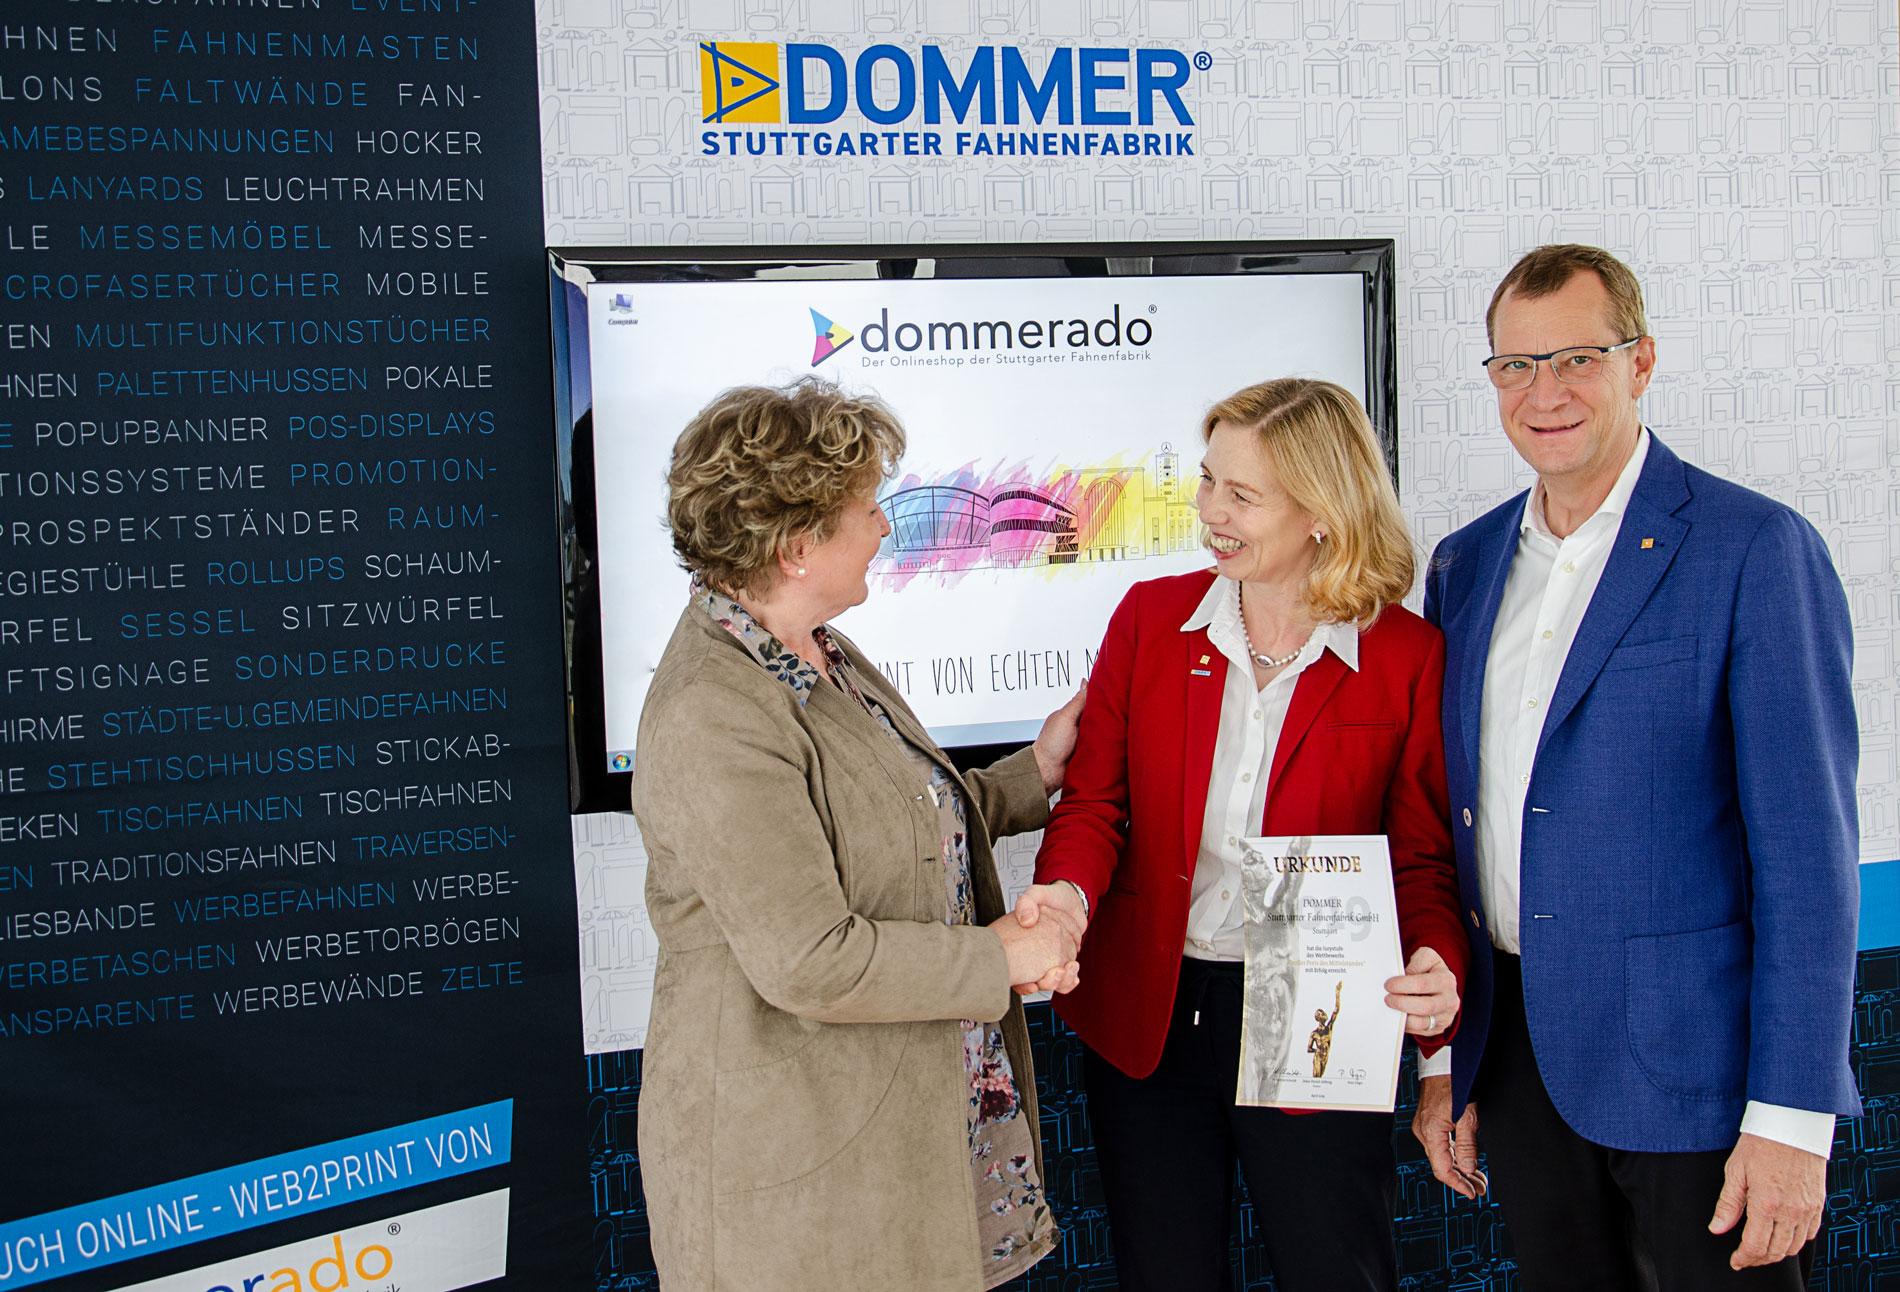 Verleihung_mittelstandspreis-fuer-dommer